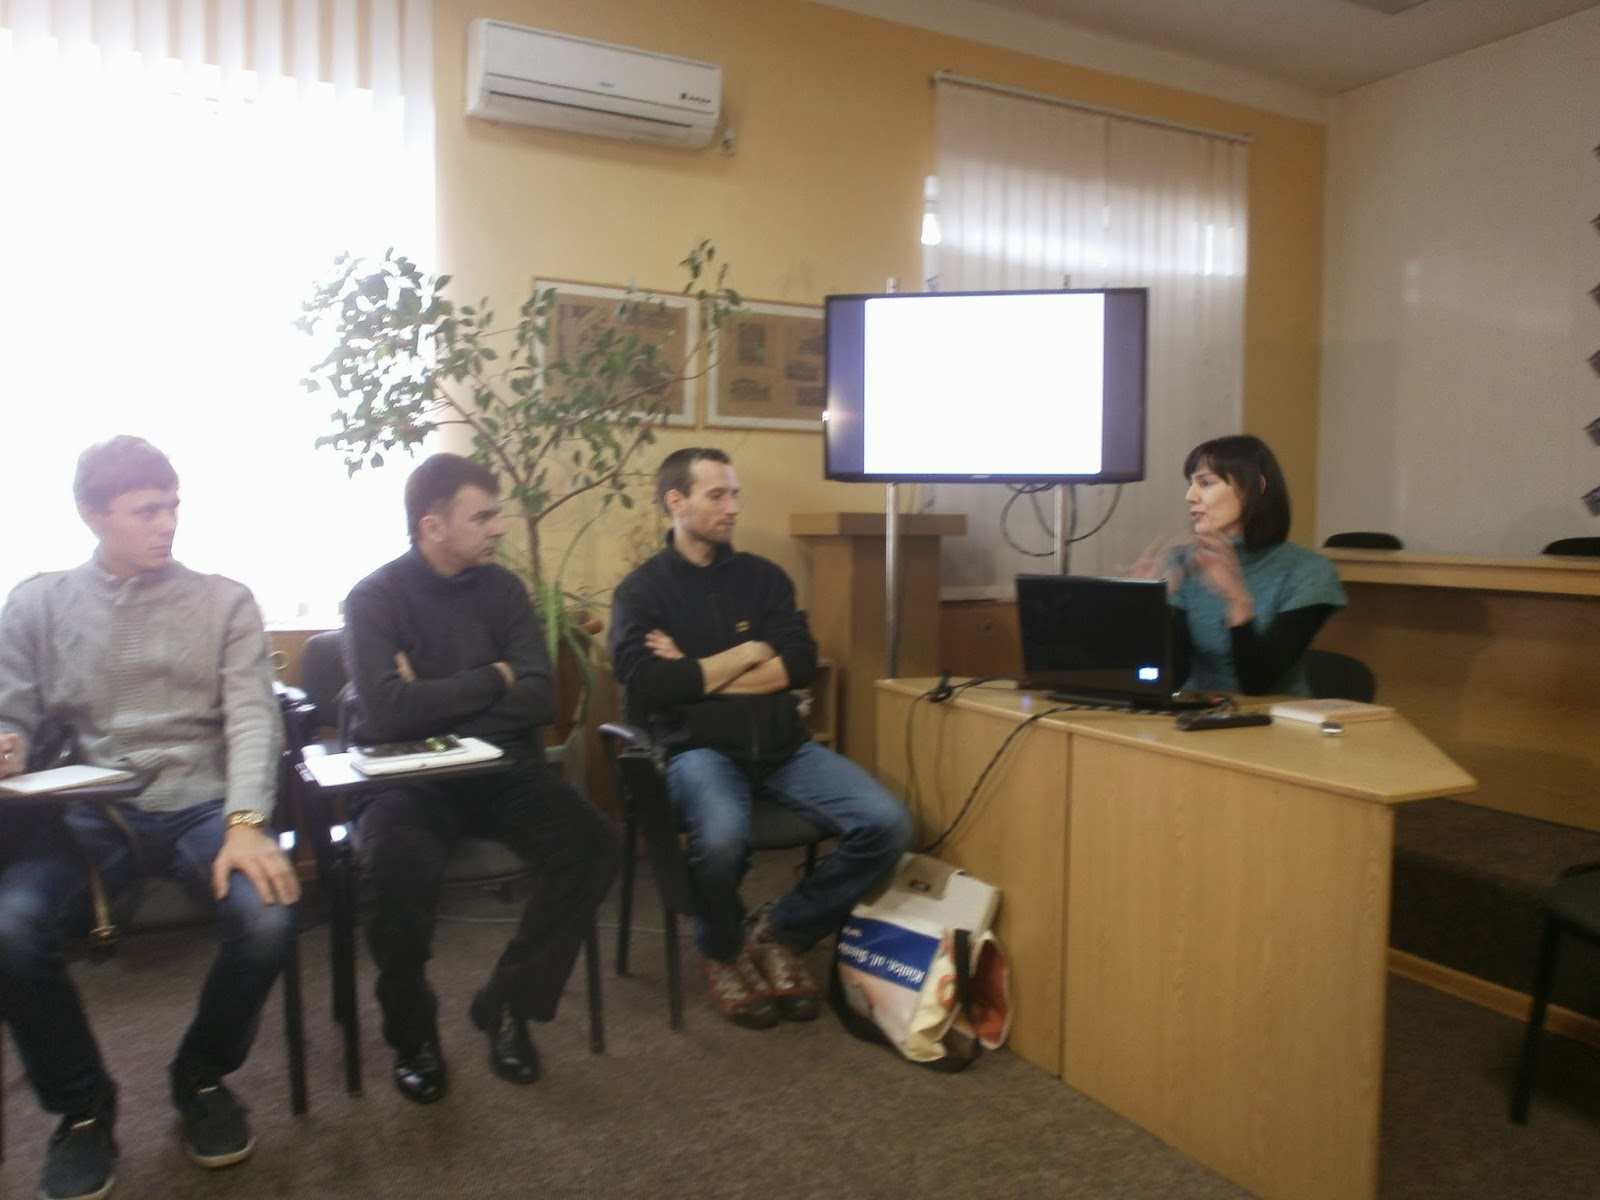 Эльмира Муратова: Информация об Исламе ангажирована и некачественна